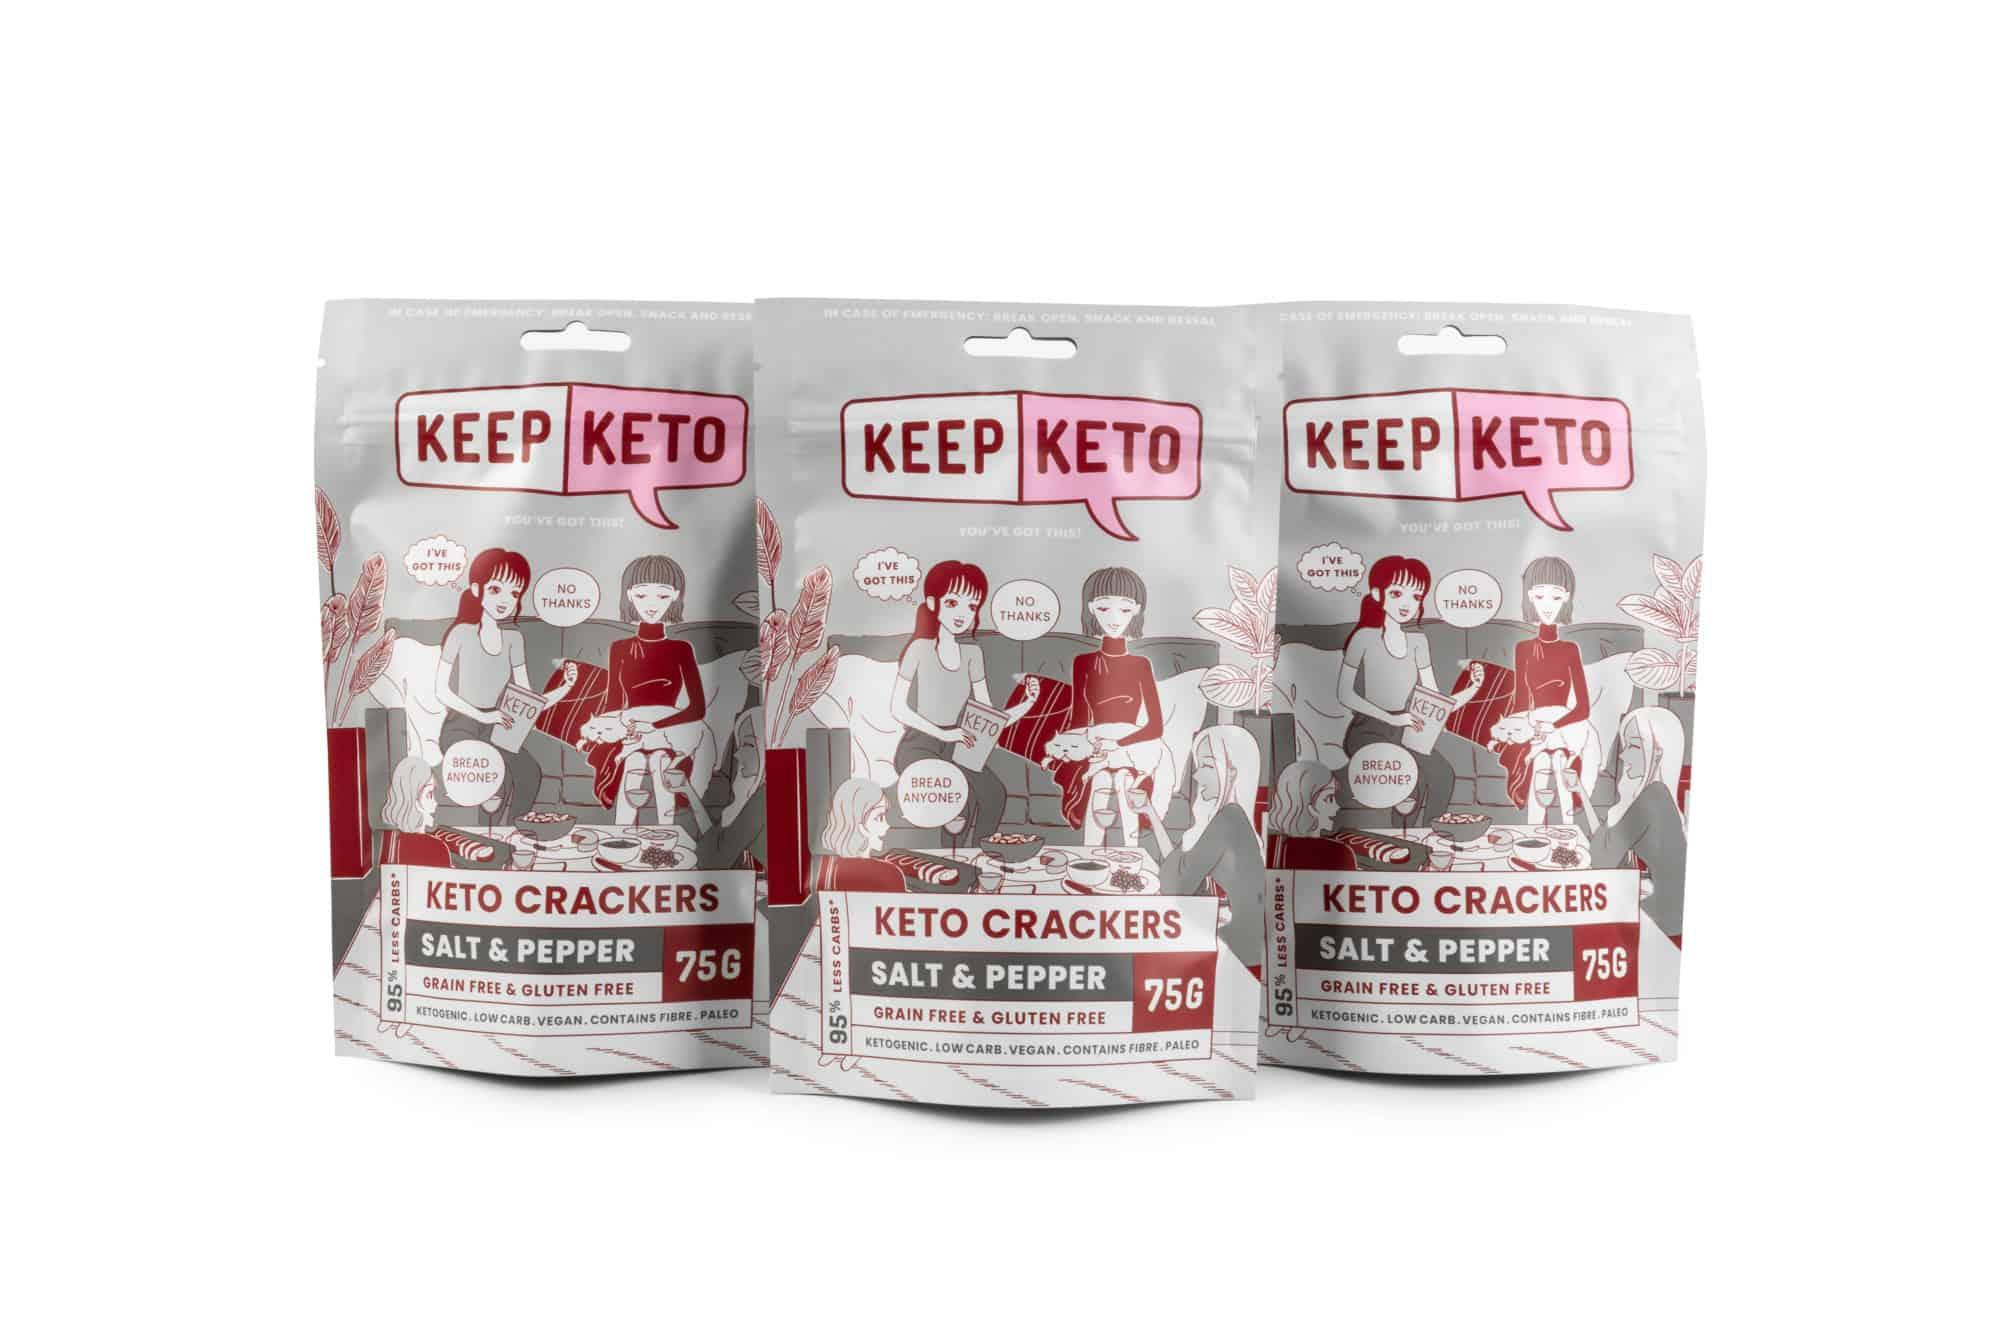 salt & pepper keto crackers